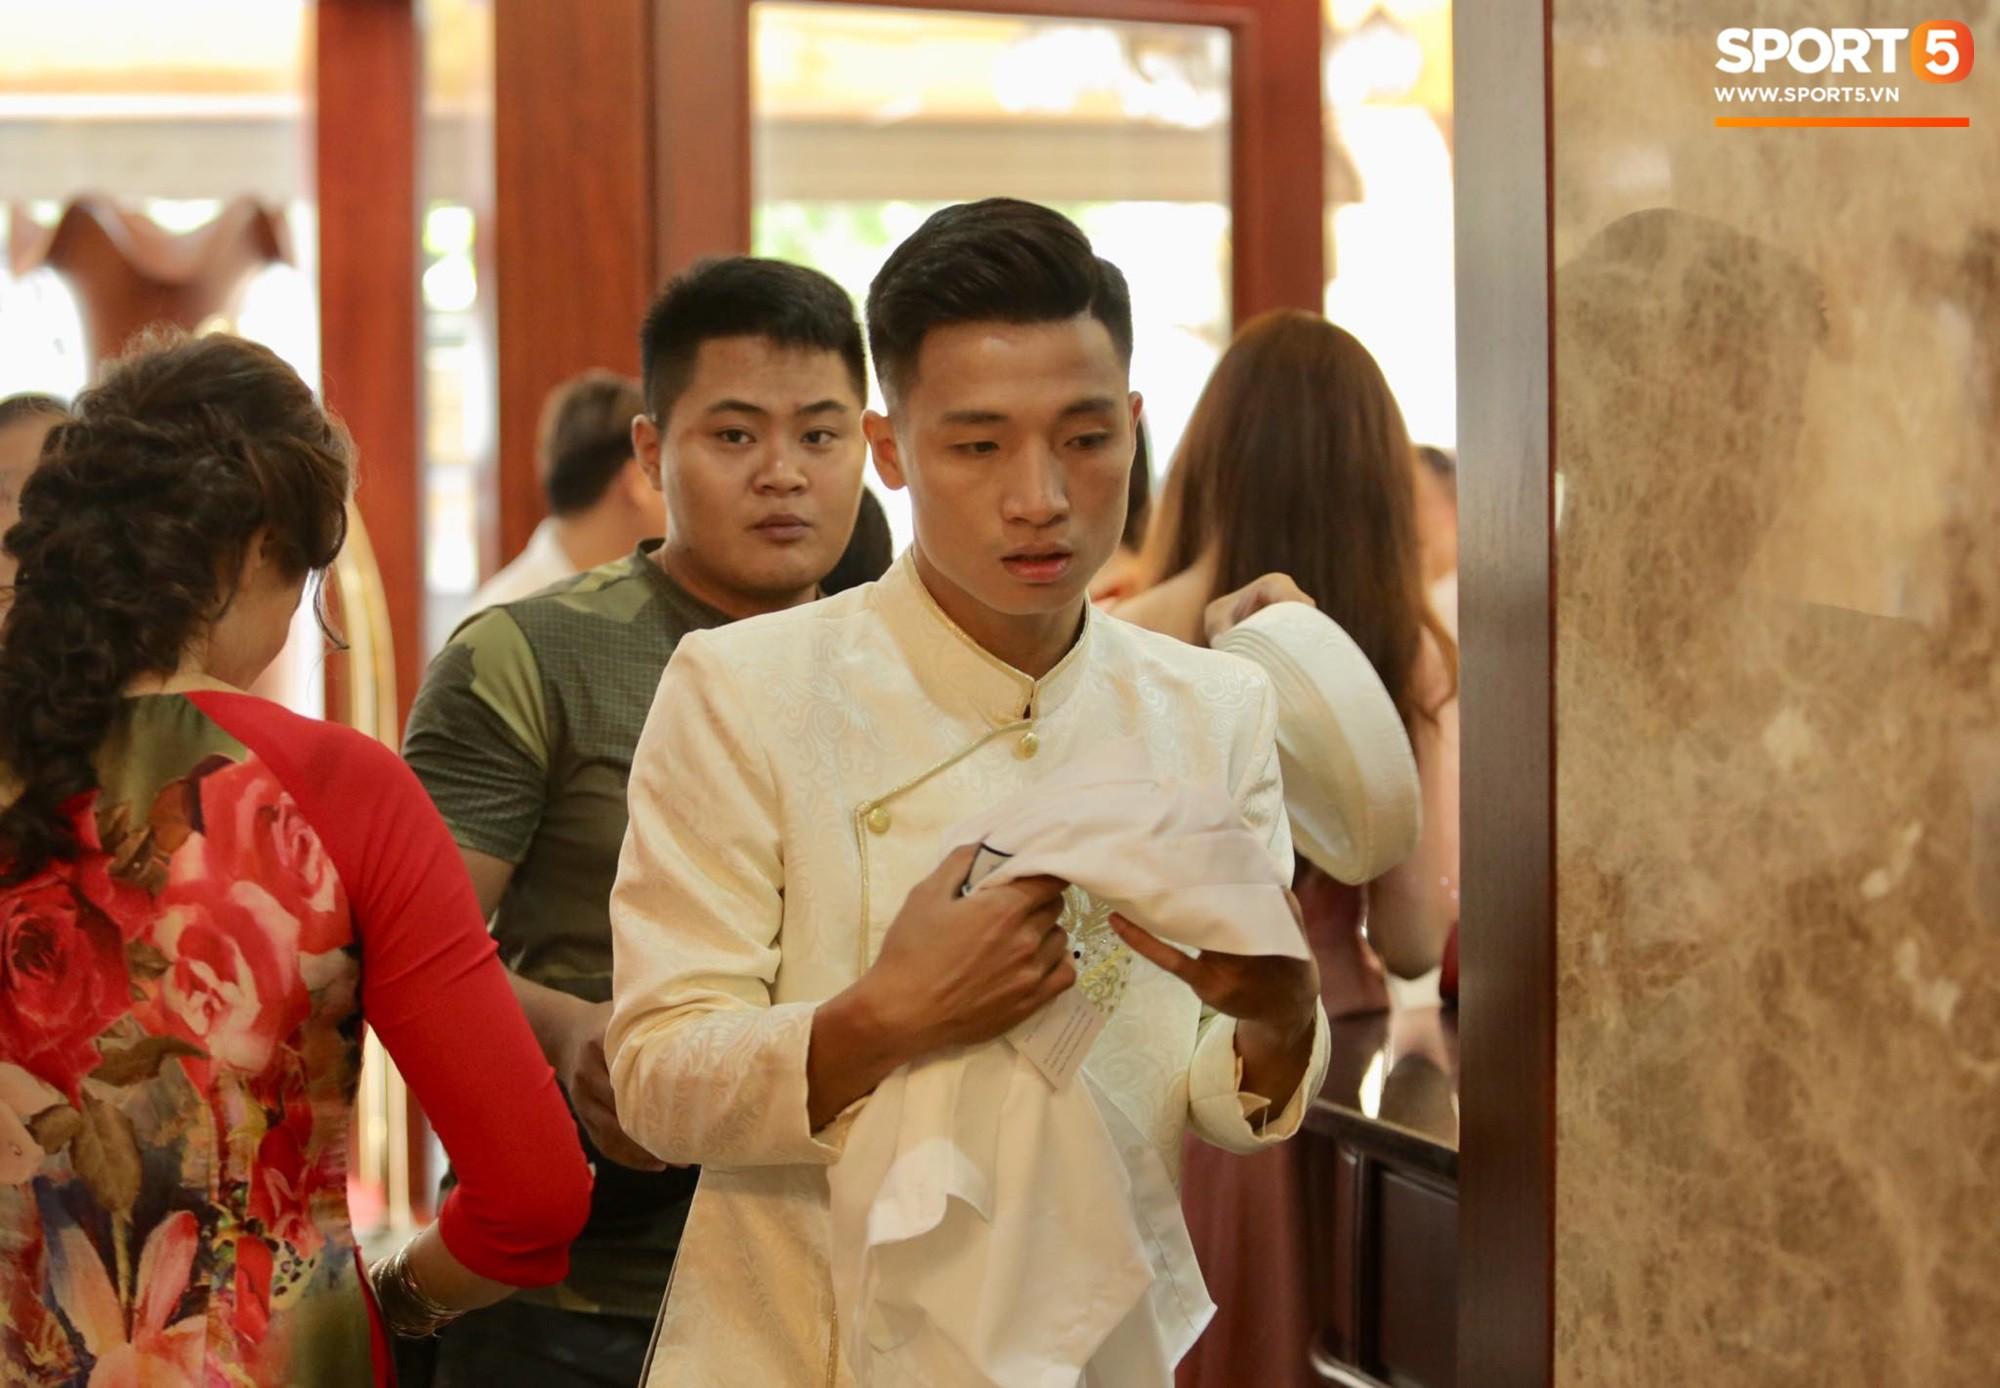 Bùi Tiến Dũng và cô dâu Khánh Linh hôn nhau say đắm, hát Nắm Lấy Tay Anh cực ngọt ngào-6